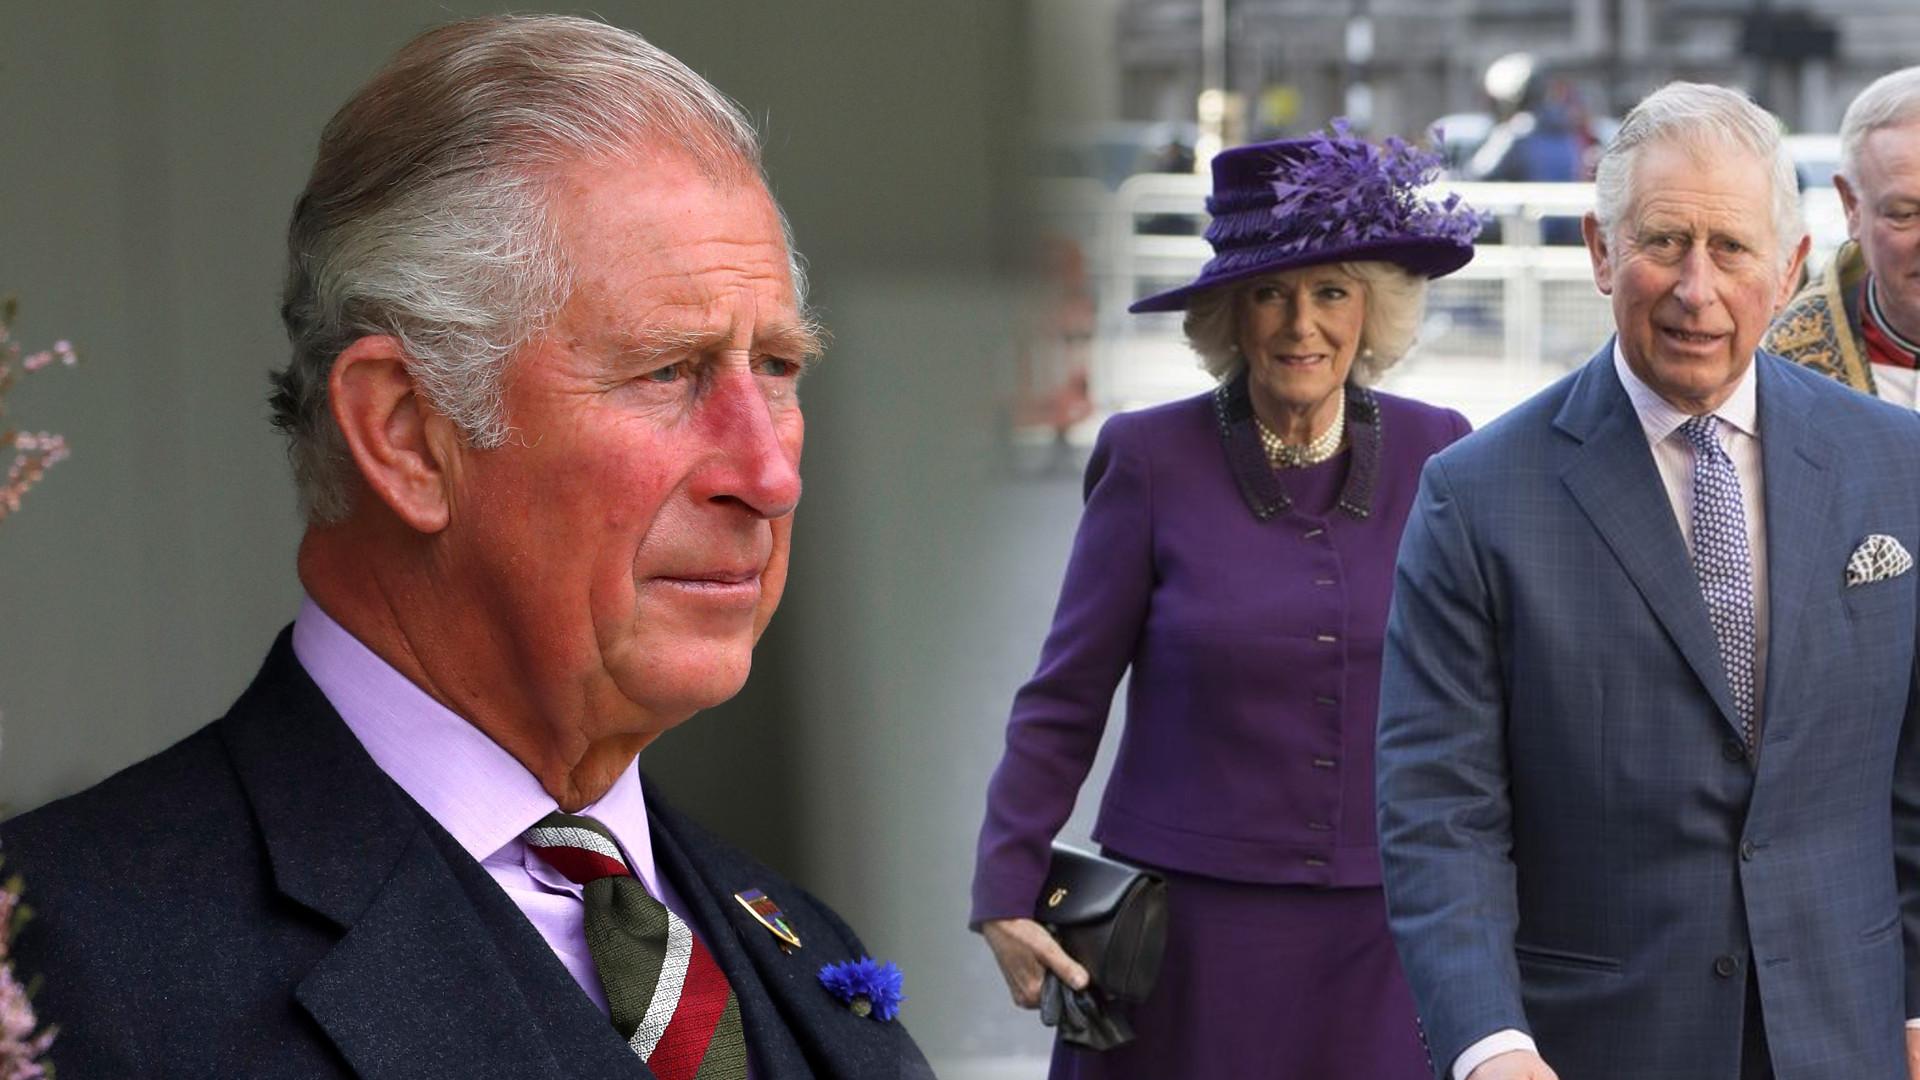 Książę Karol ma KORONAWIRUSA – test pokazał wynik pozytywny